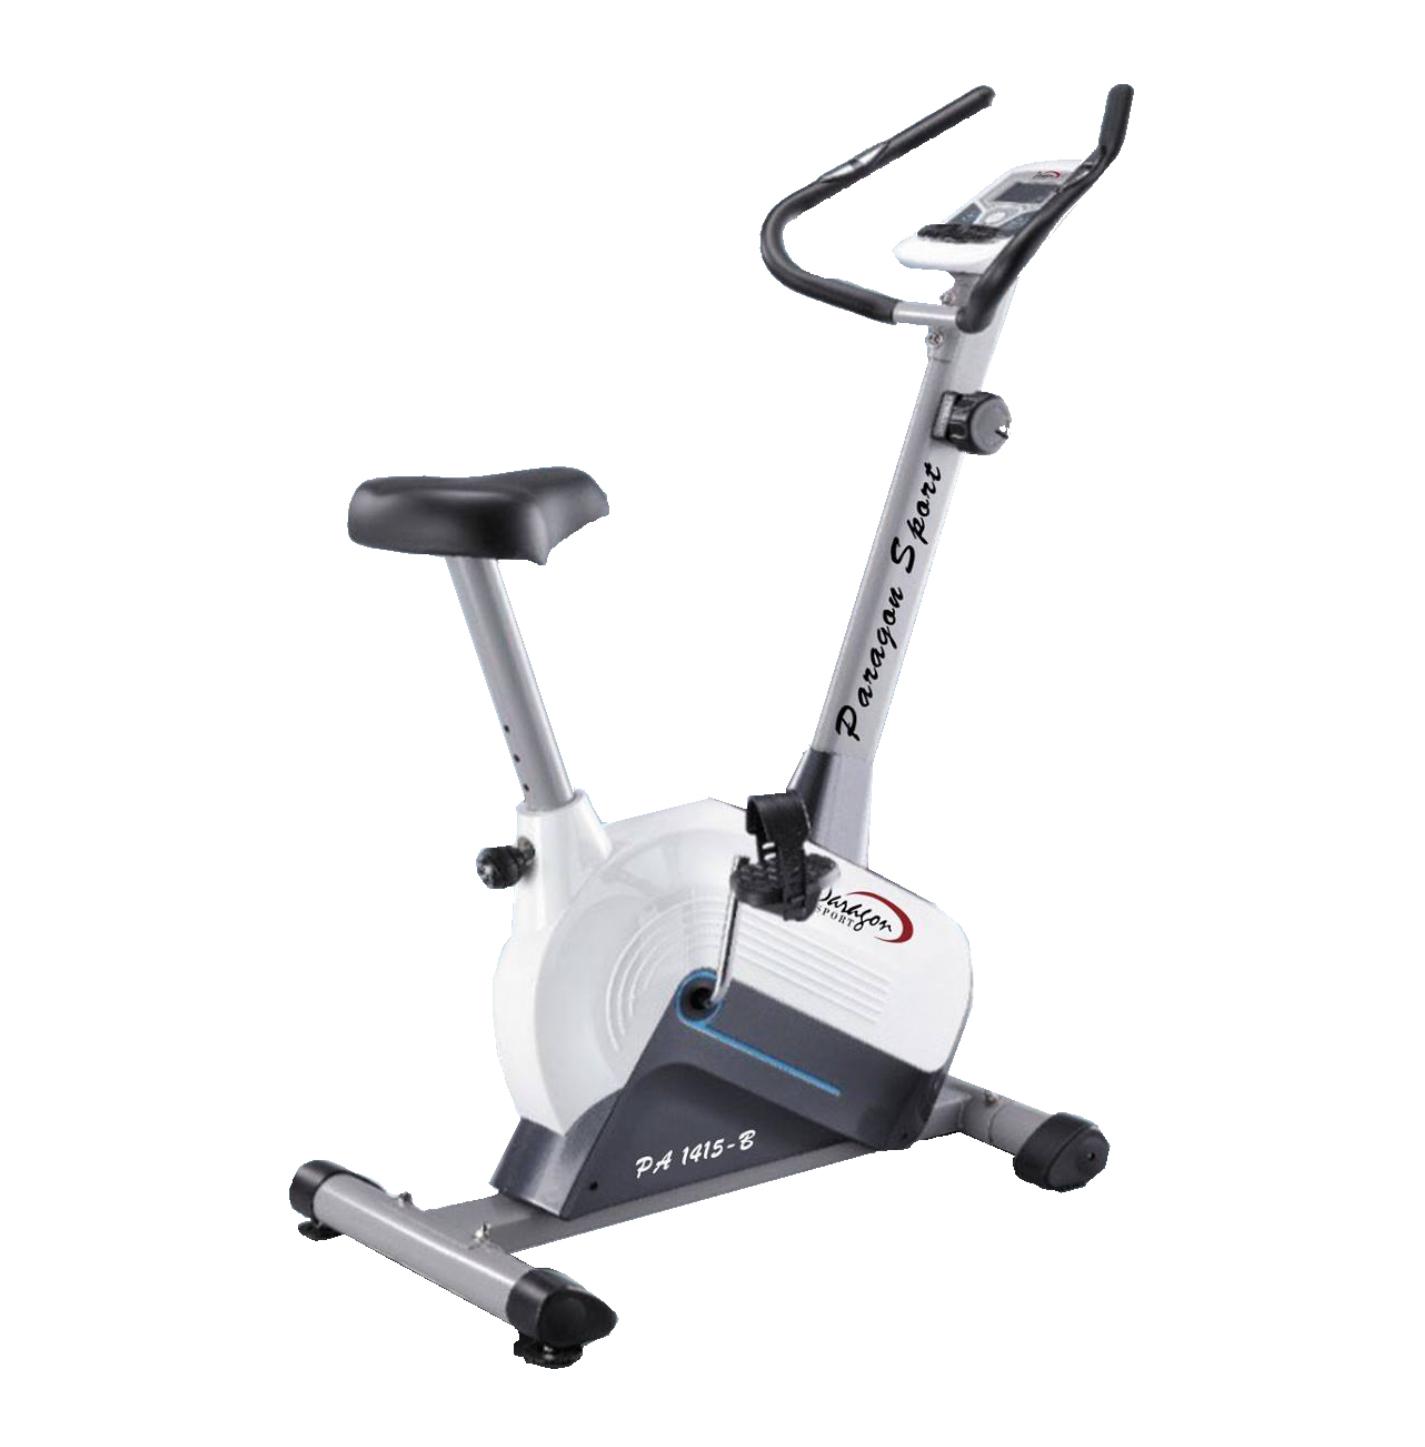 จักรยานนั่งปั่น : Paragon PA1415B - 5 KG.